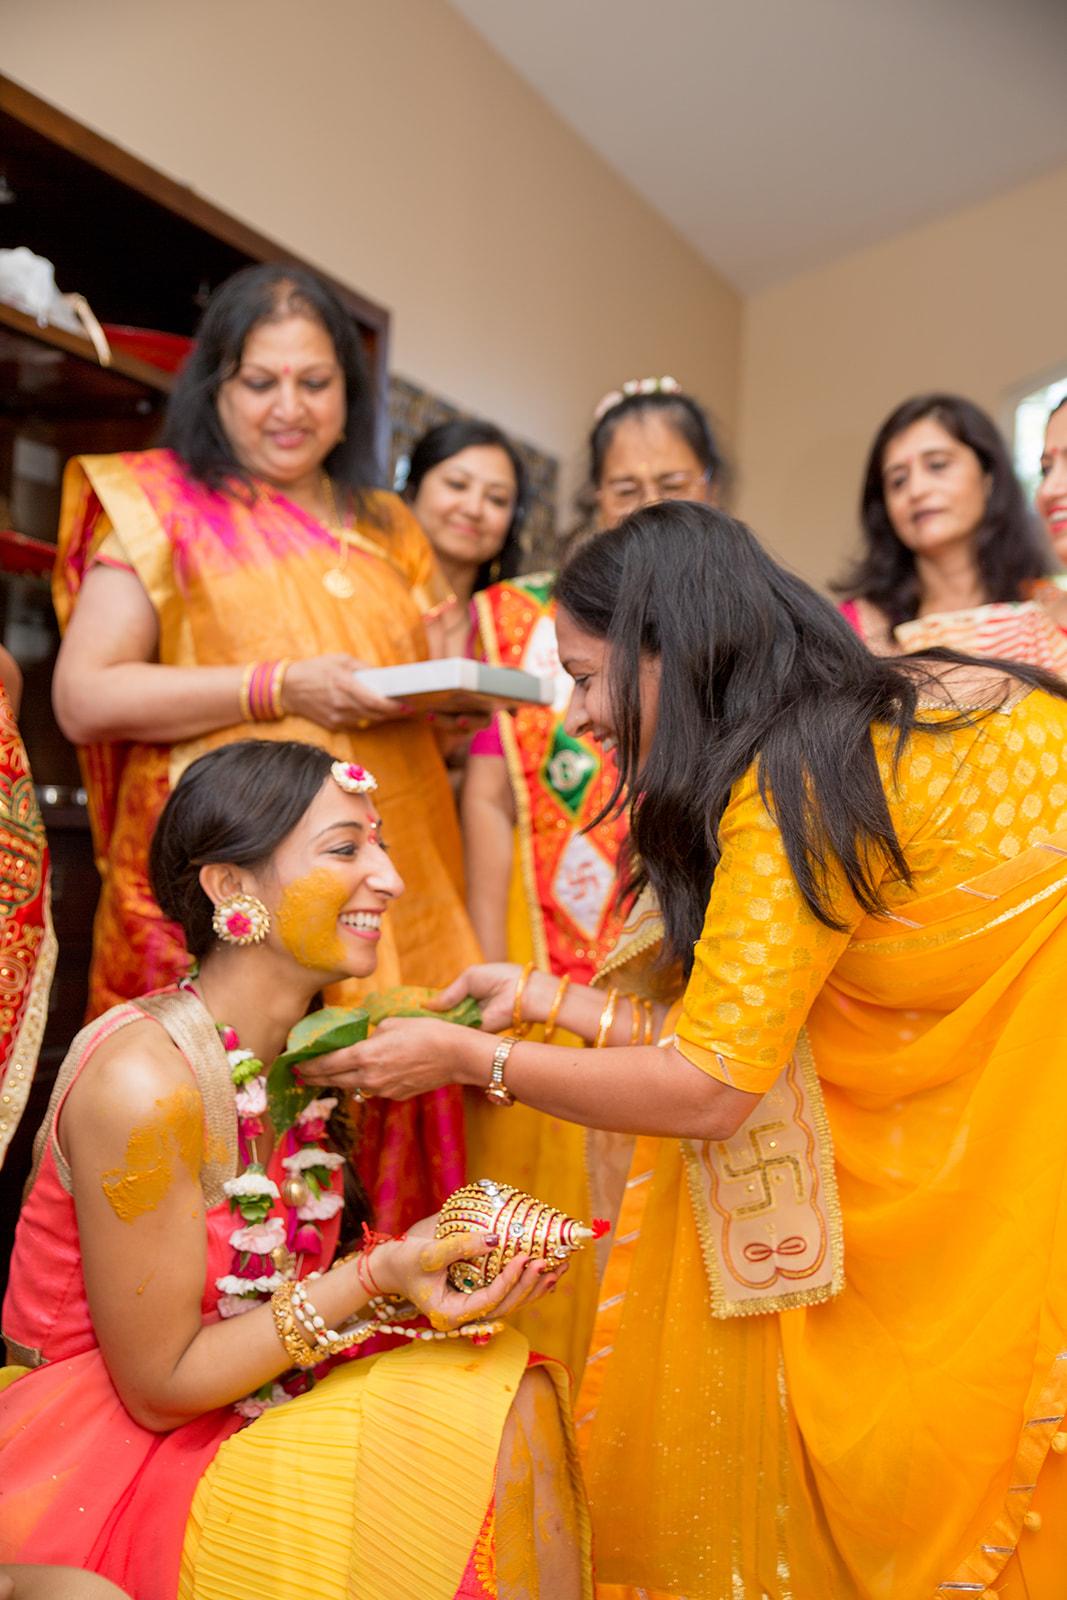 Le Cape Weddings - Puja and Kheelan - Pithi A   -91.jpg